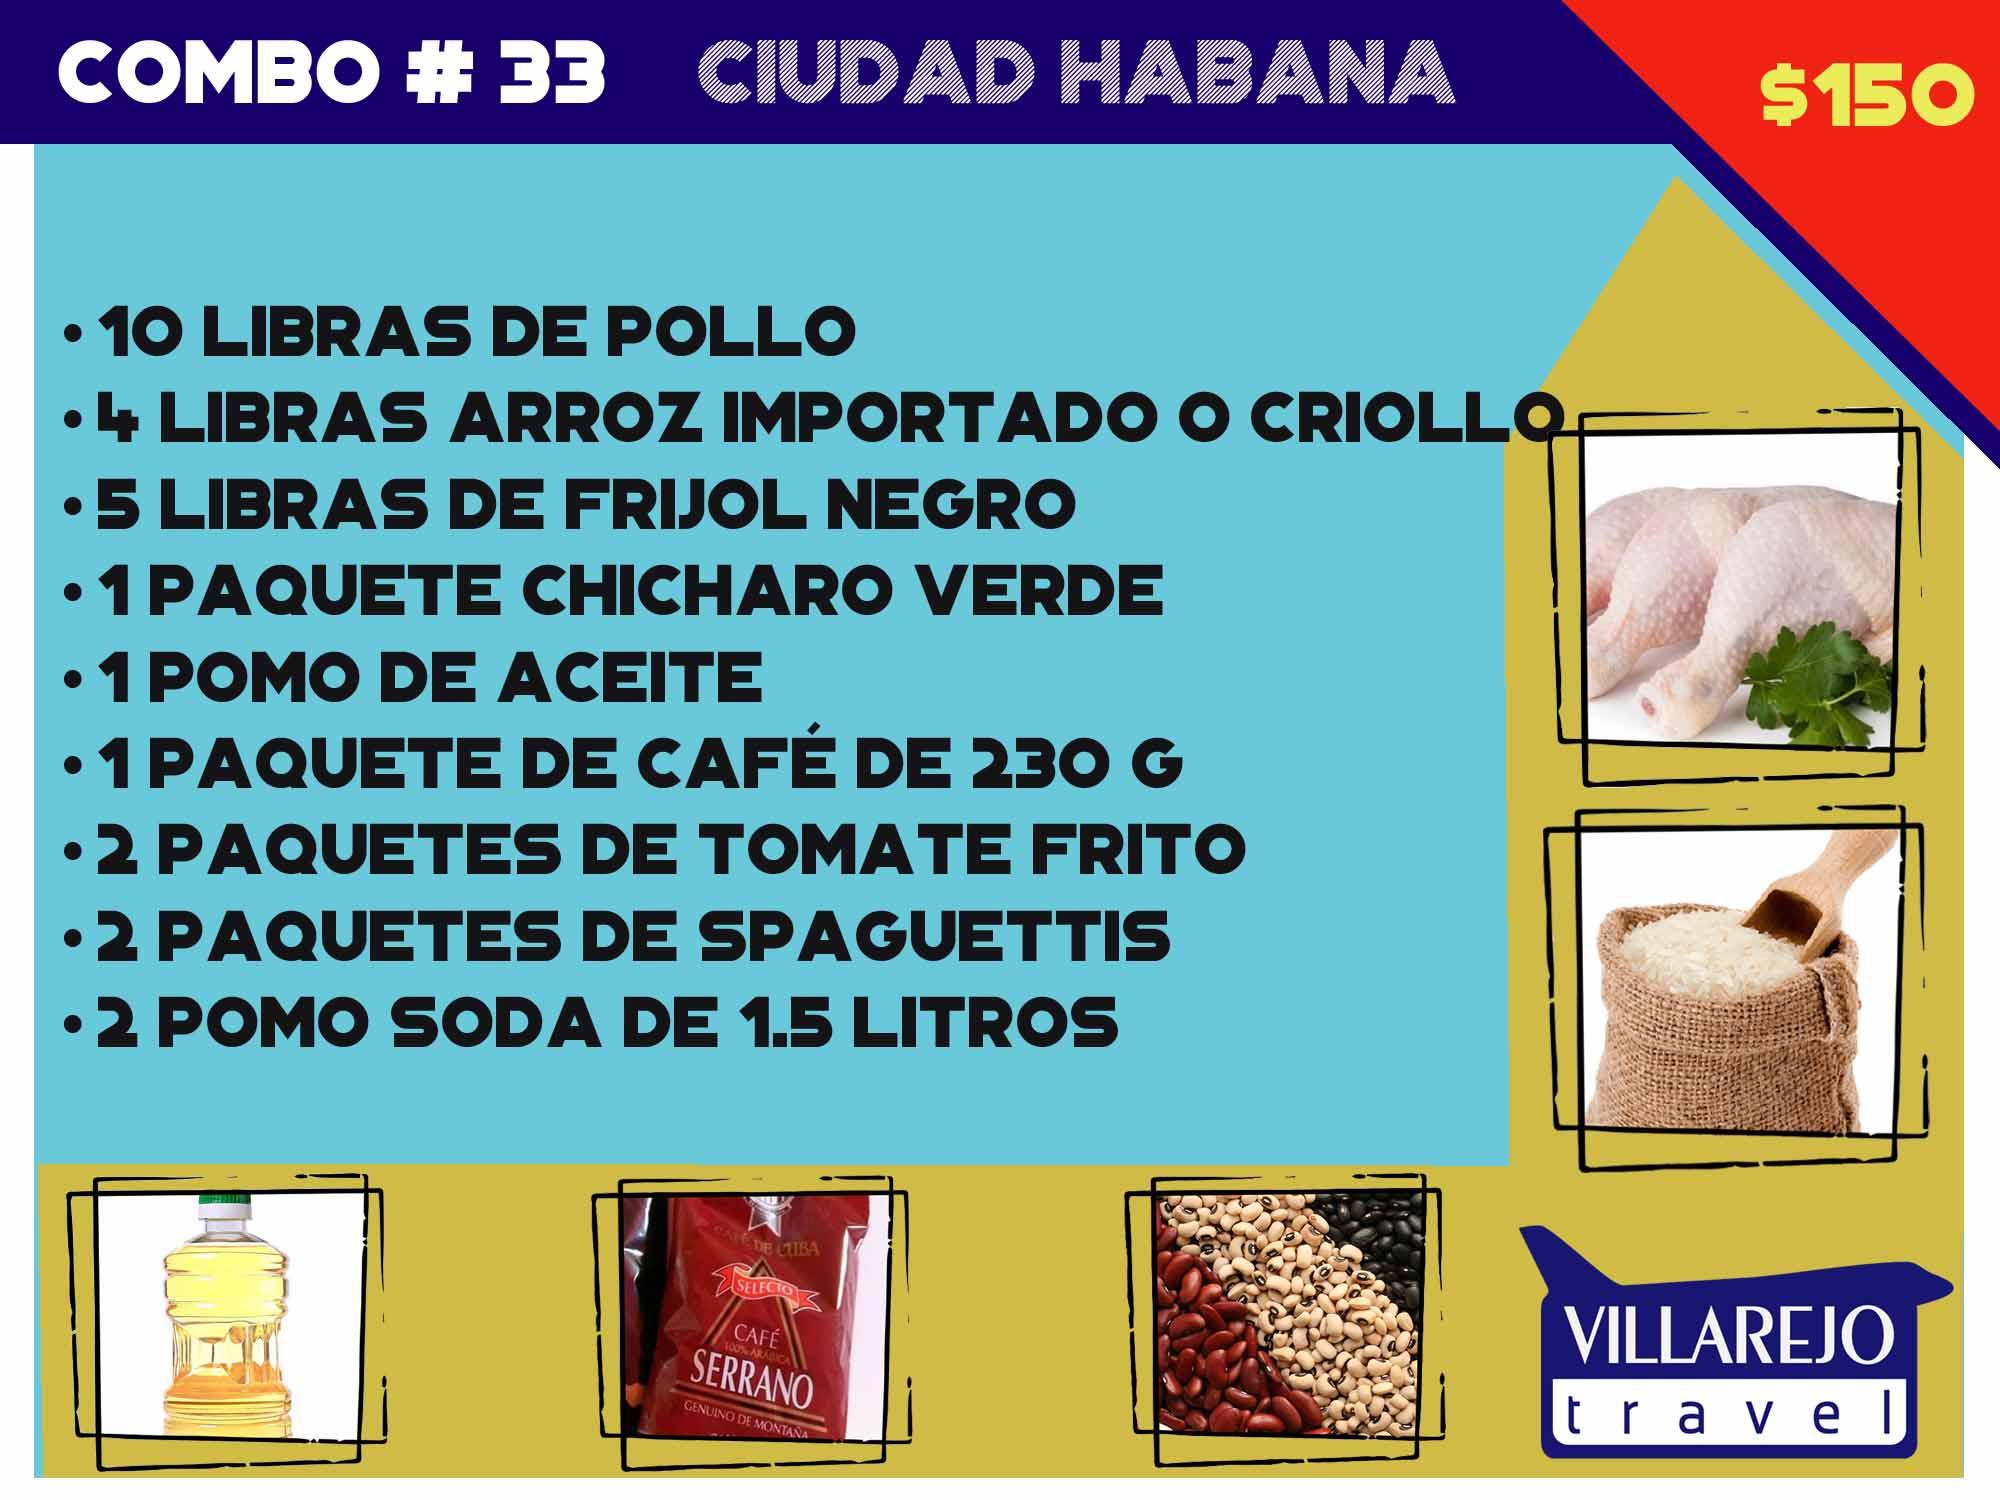 COMBO # 33 CIUDAD HABANA